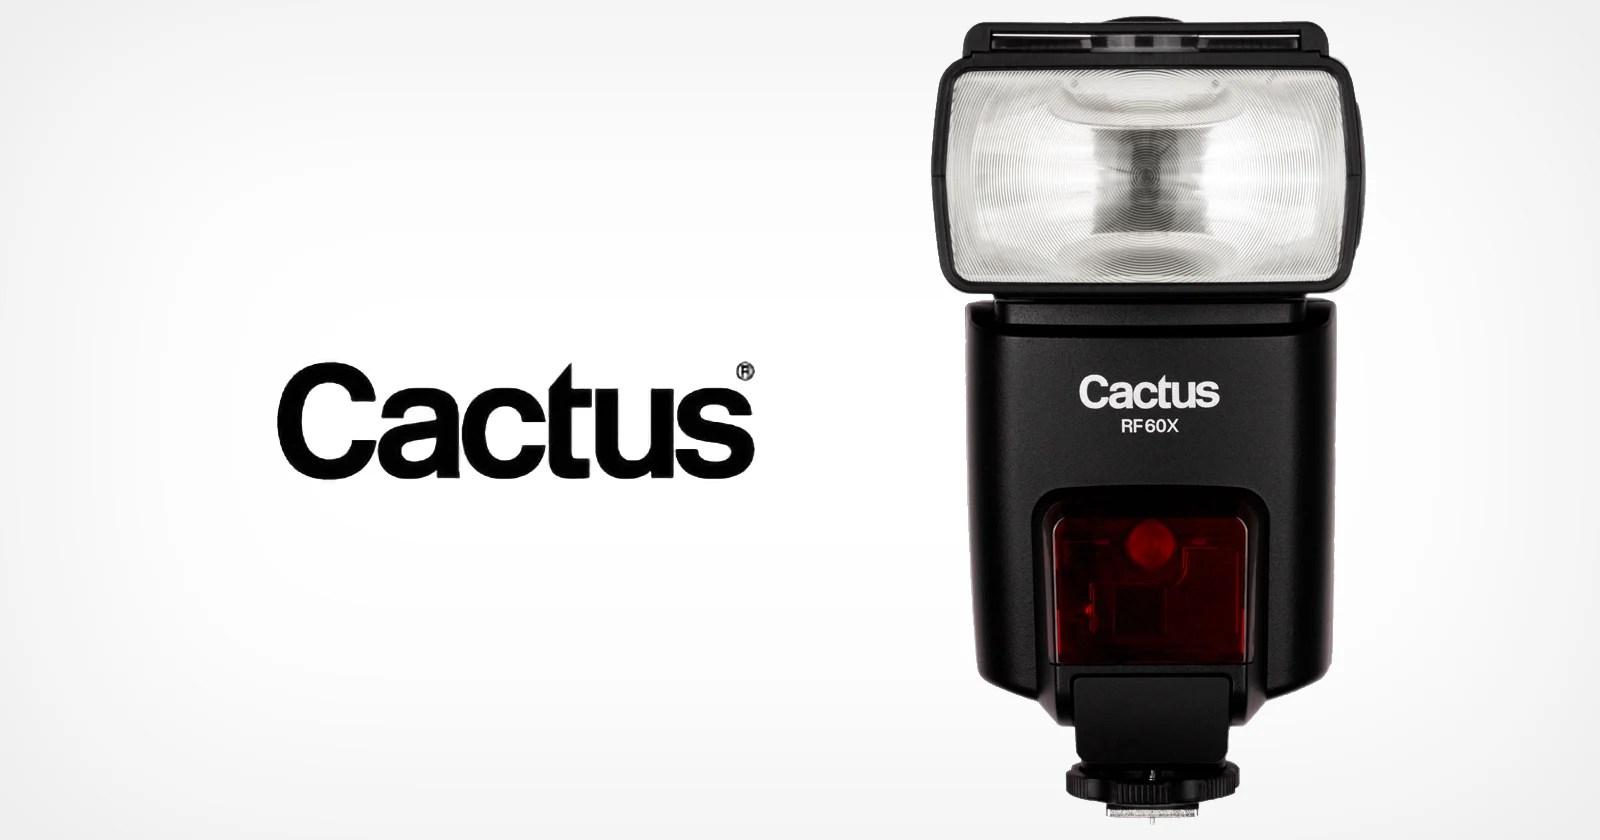 Il produttore di apparecchiature per illuminazione Cactus ha cessato le attività